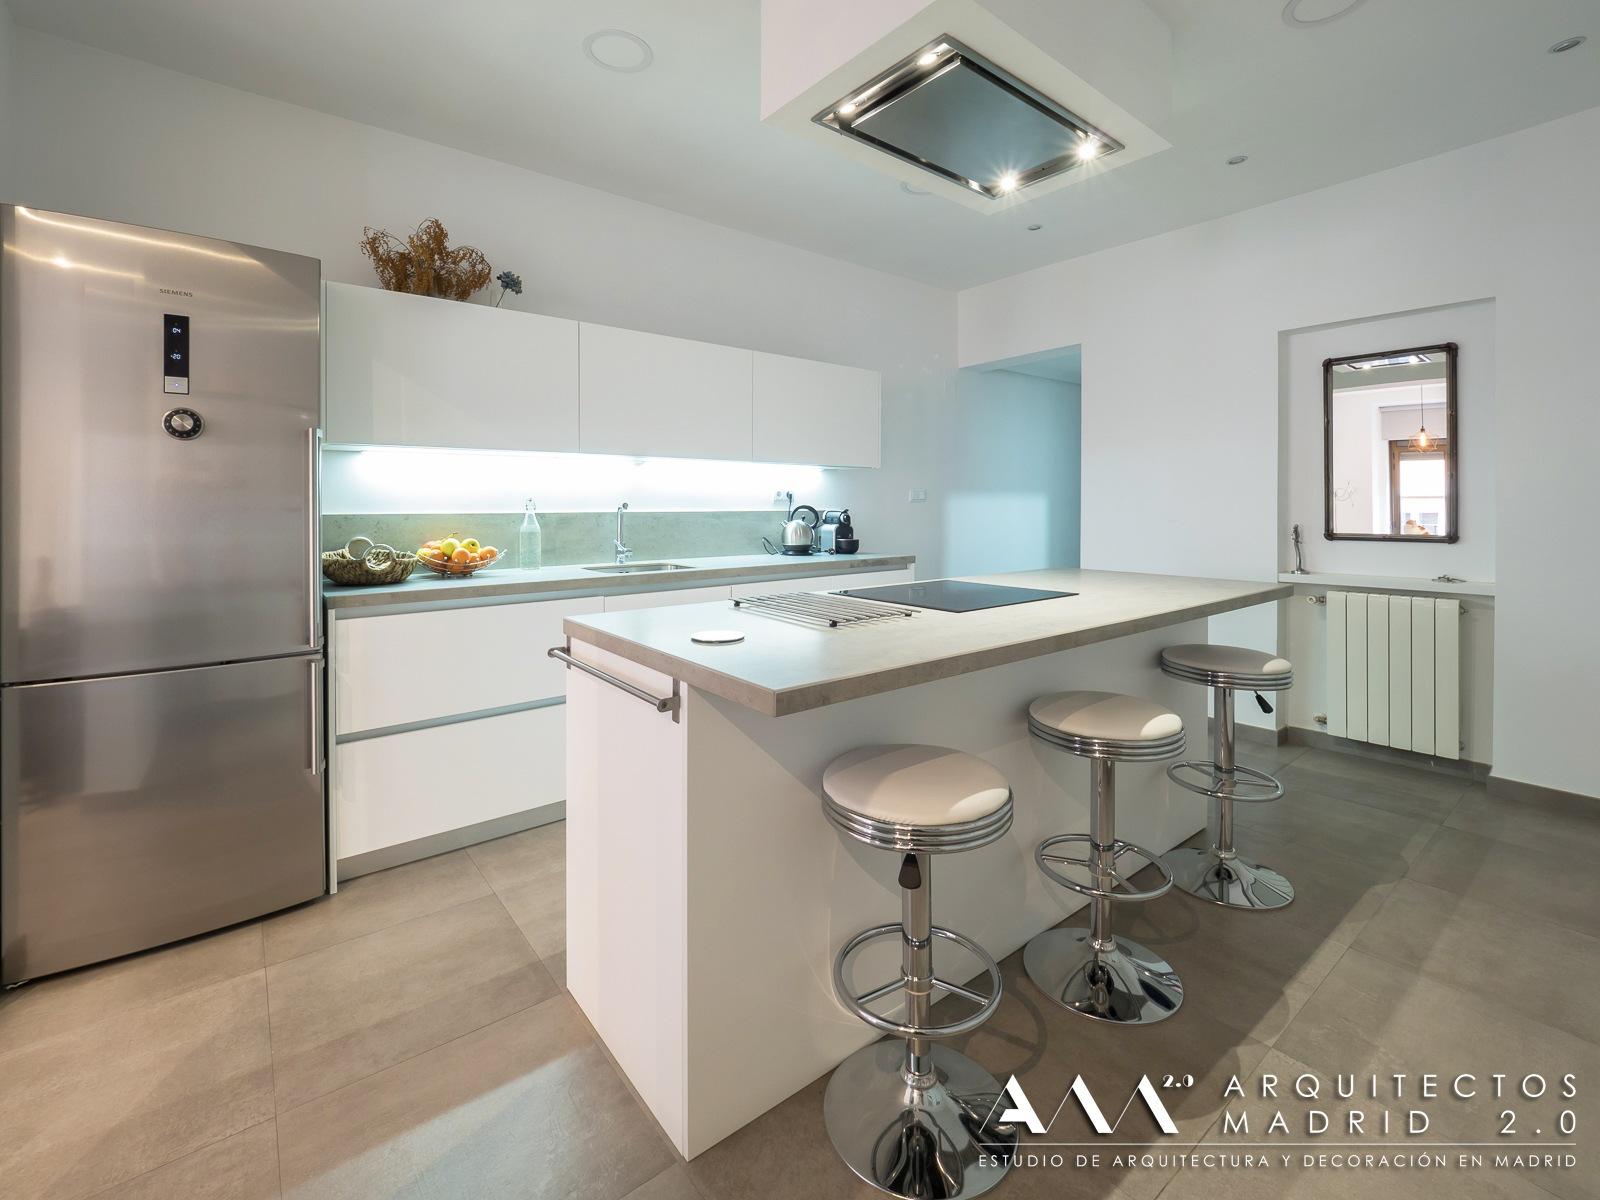 proyectos interiorismo decoracion arquitectos cocina diseno